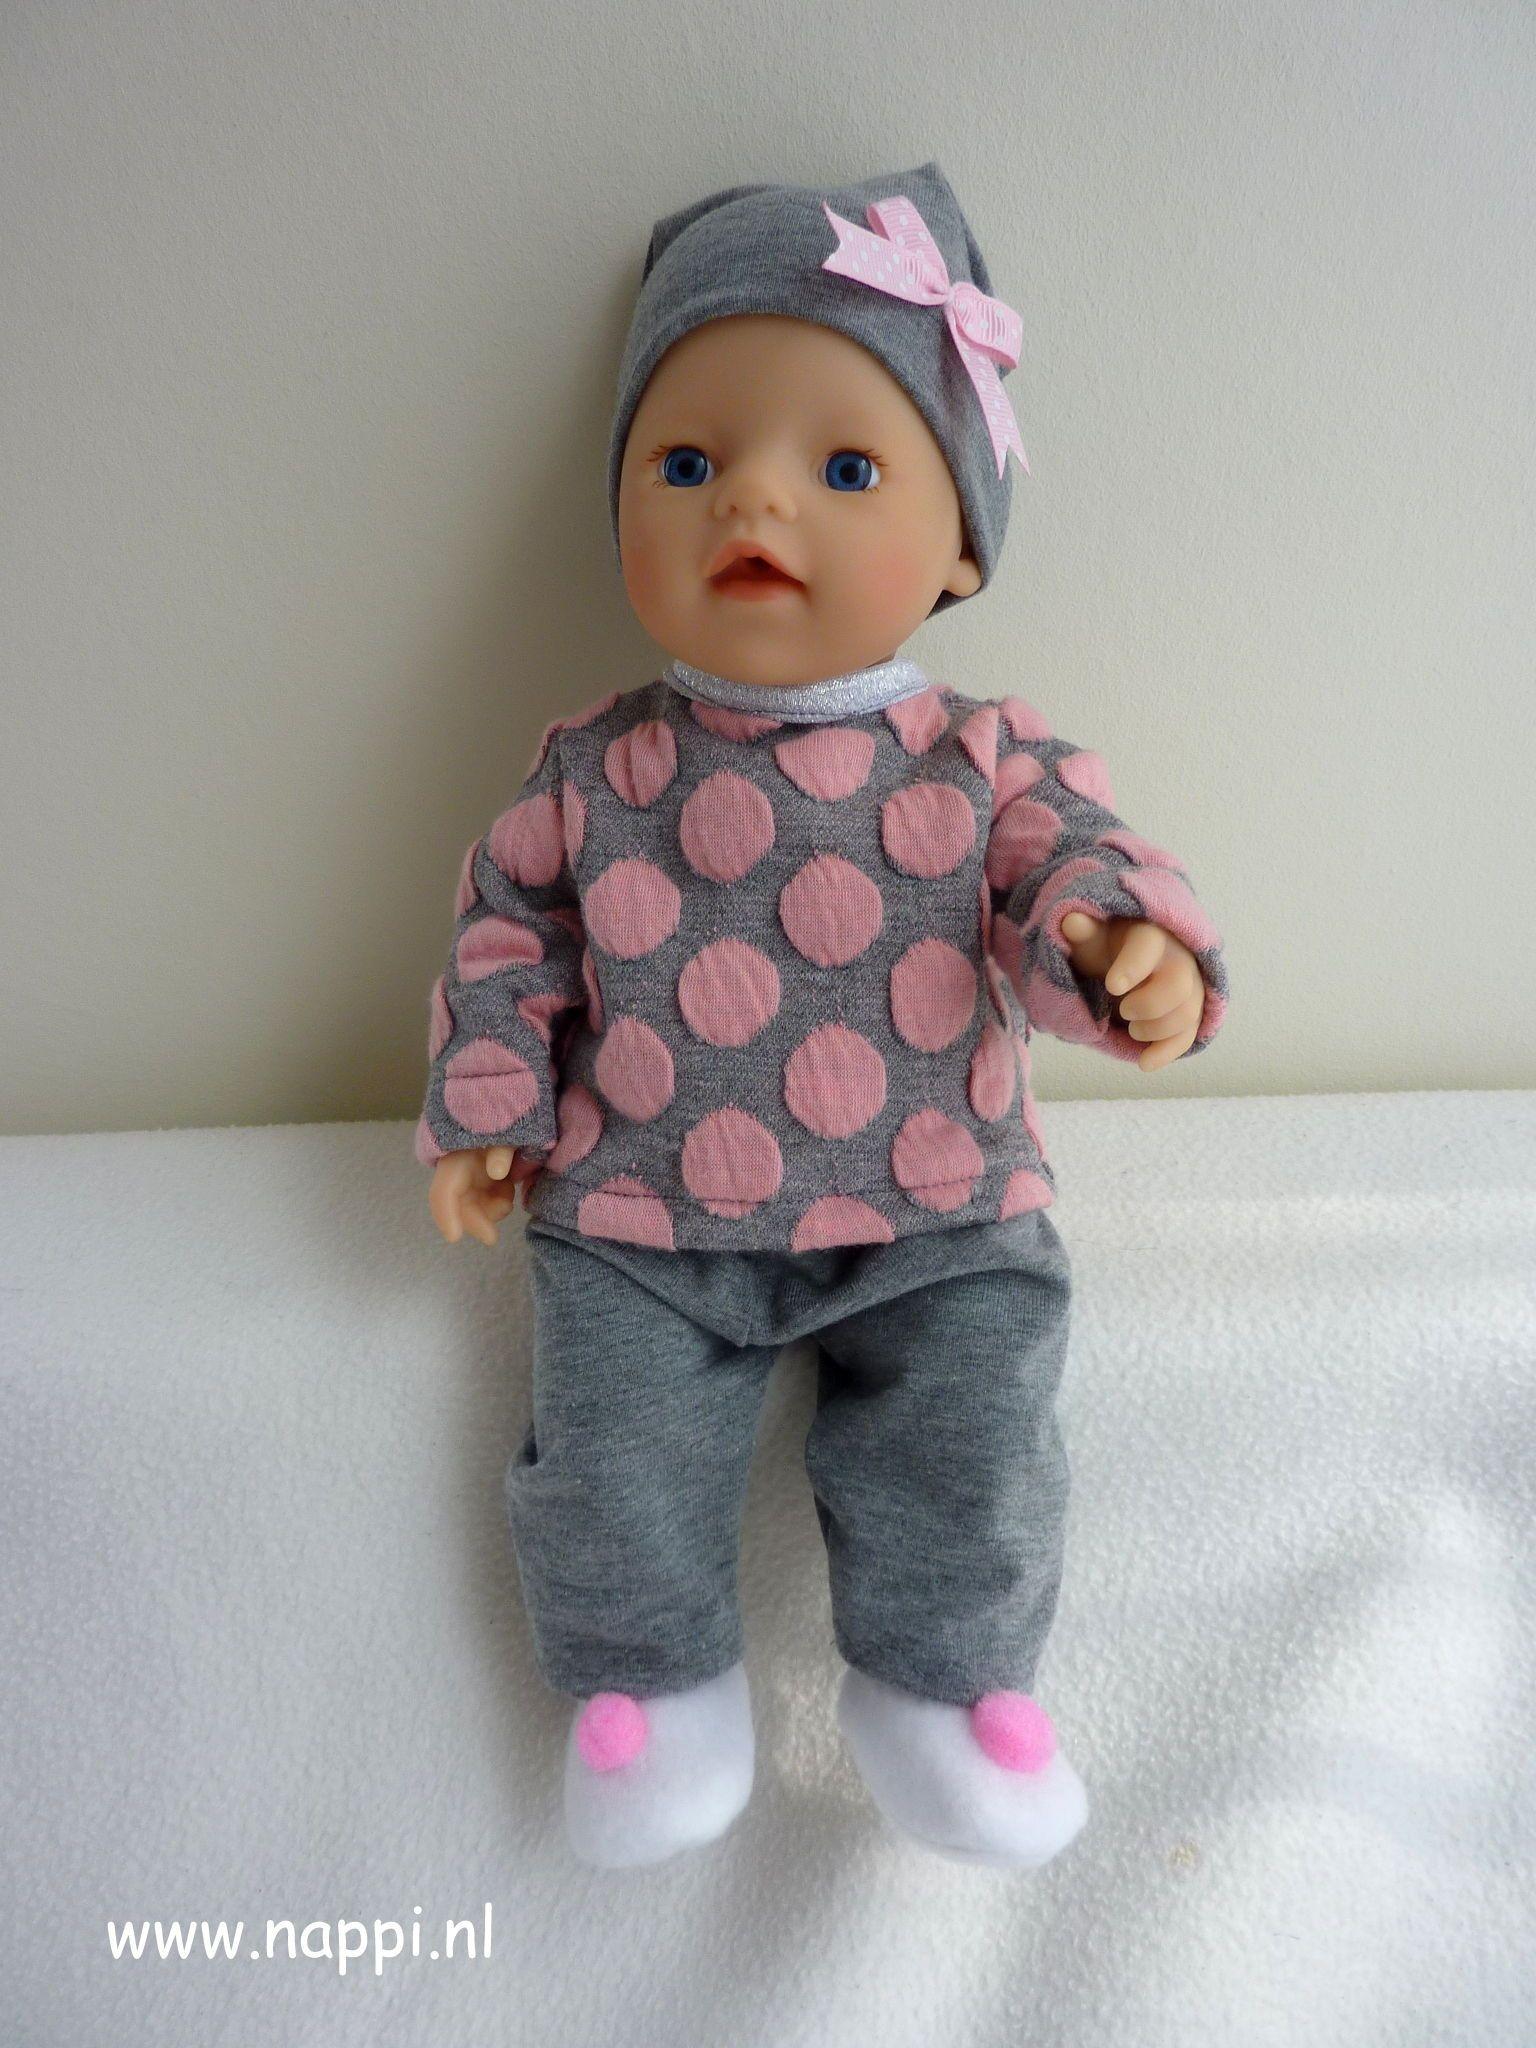 Babypuppen & Zubehör Puppenkleidung 36cm Blau Pink little Baby Born Set Kleider Kleidung Klamotten